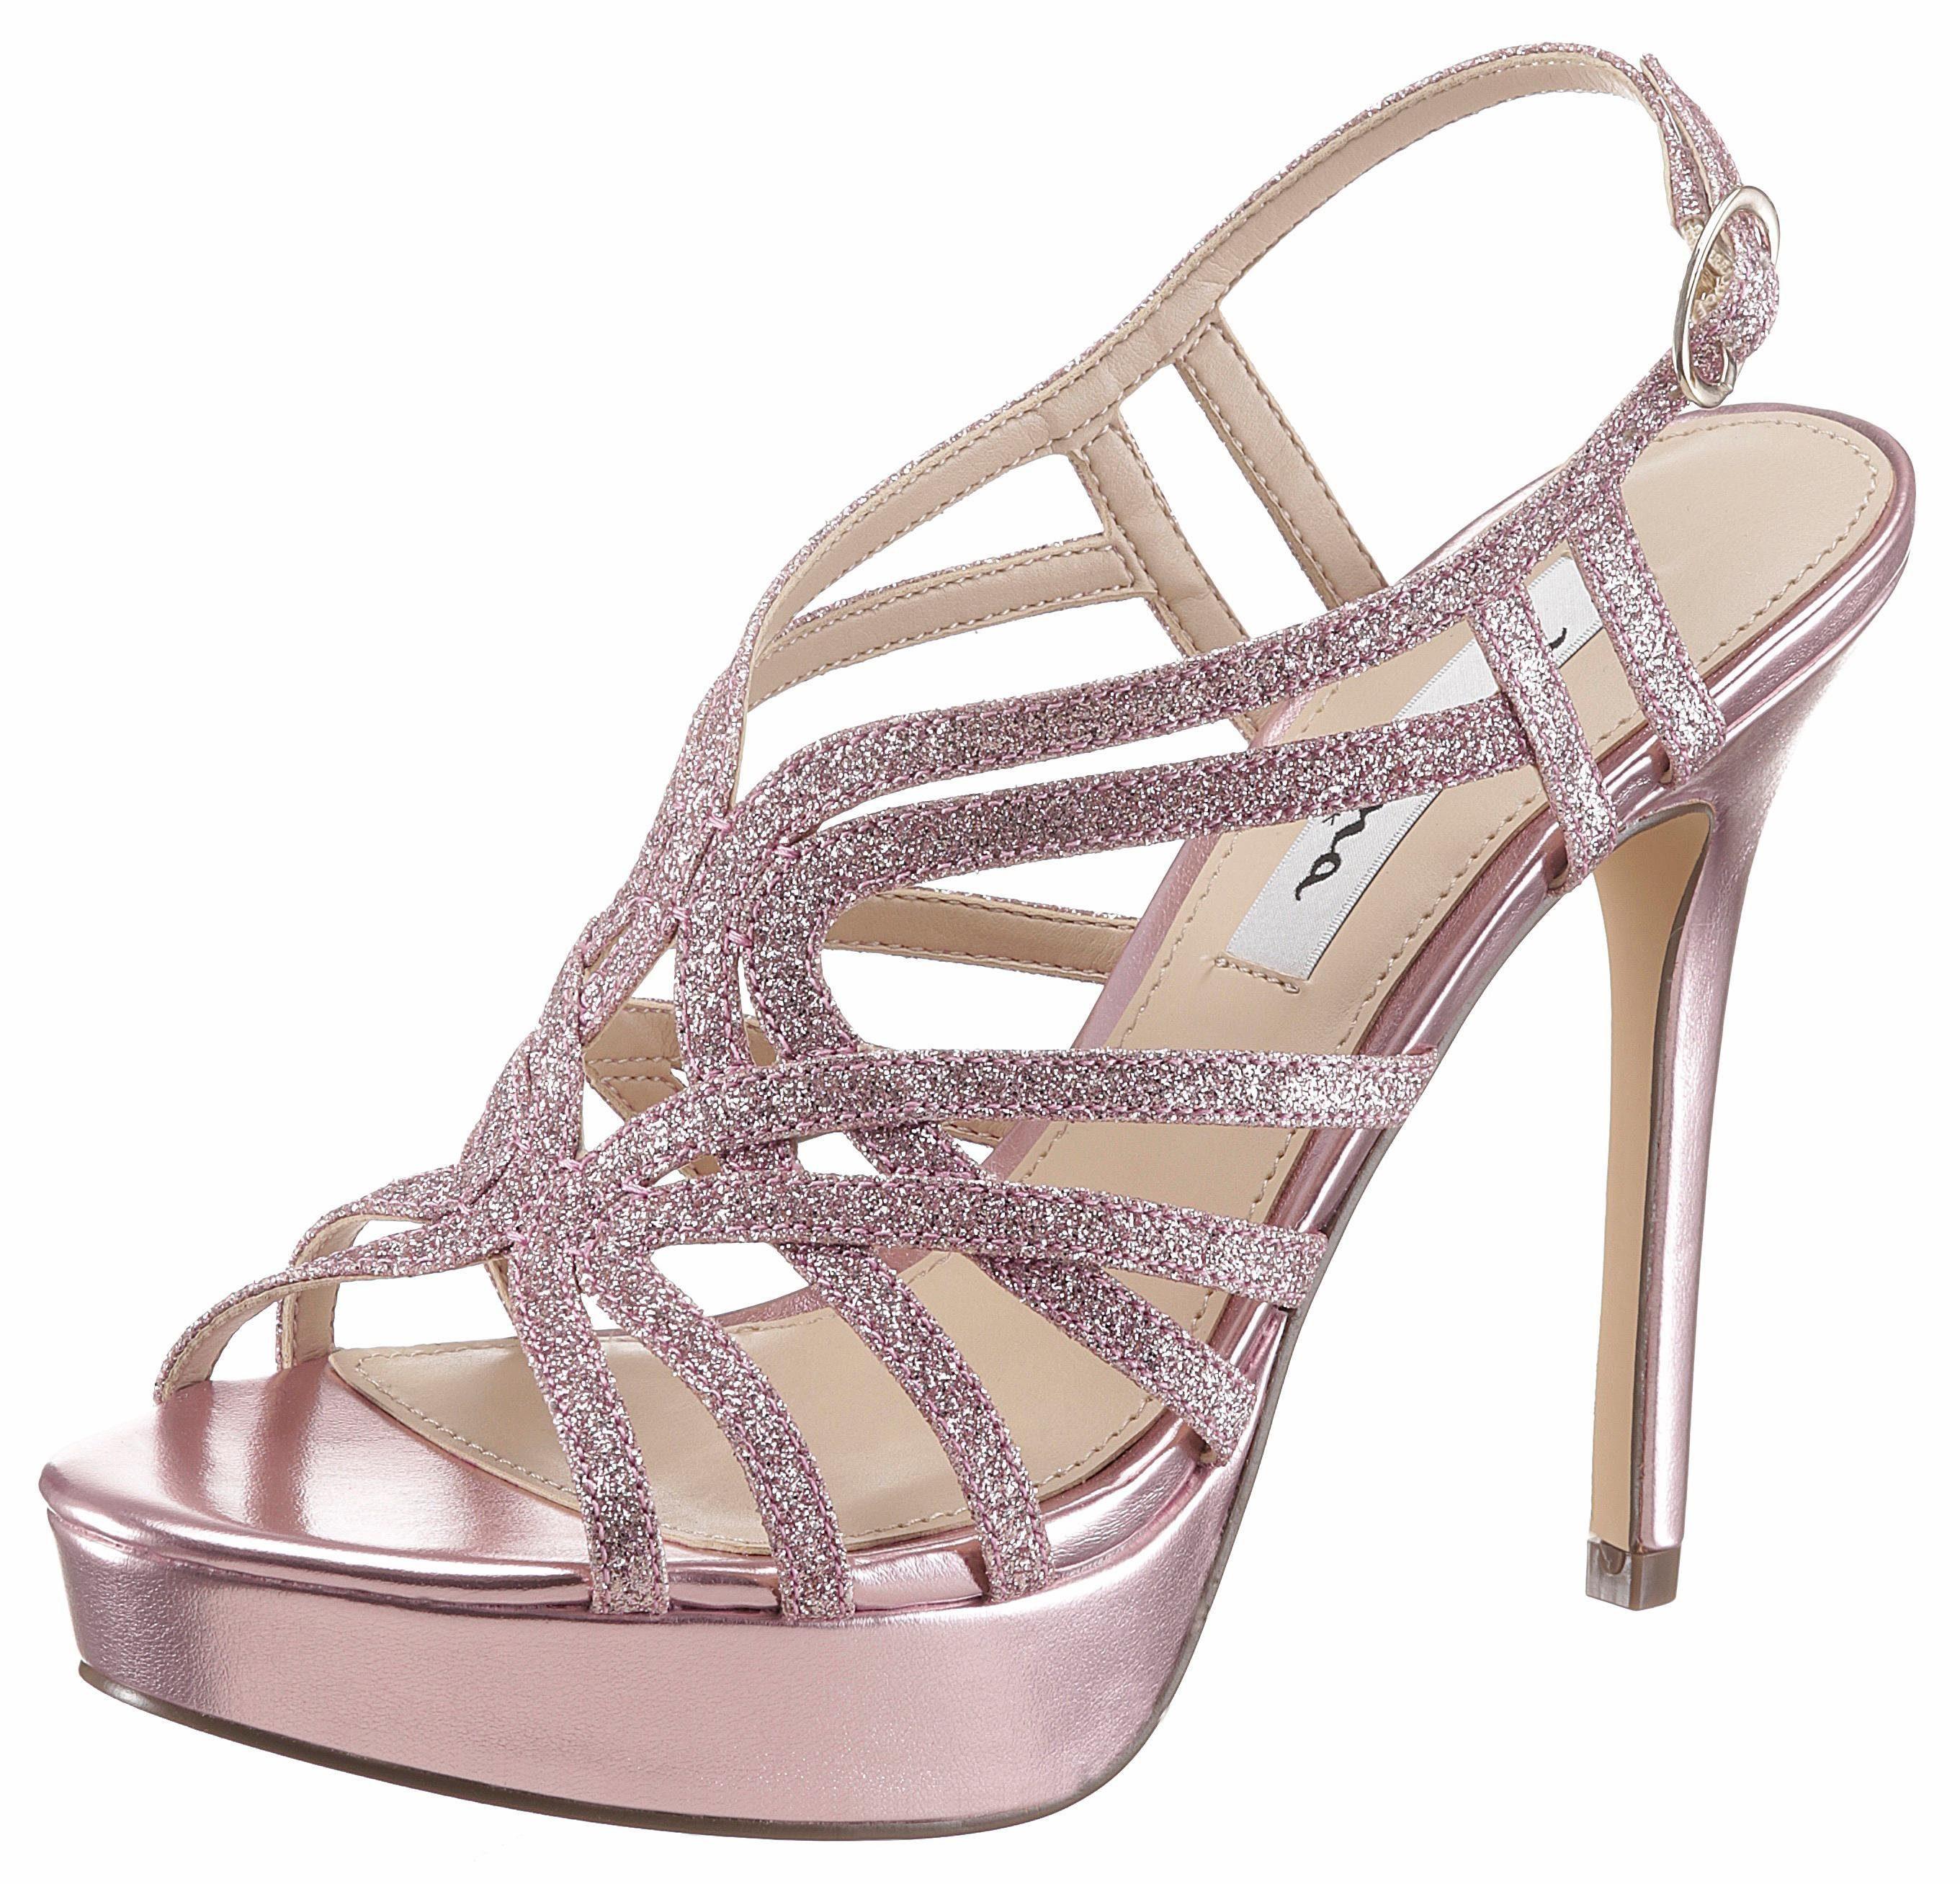 Nina Solina High-Heel-Sandalette, mit feinen Glitzerriemchen online kaufen  rosa